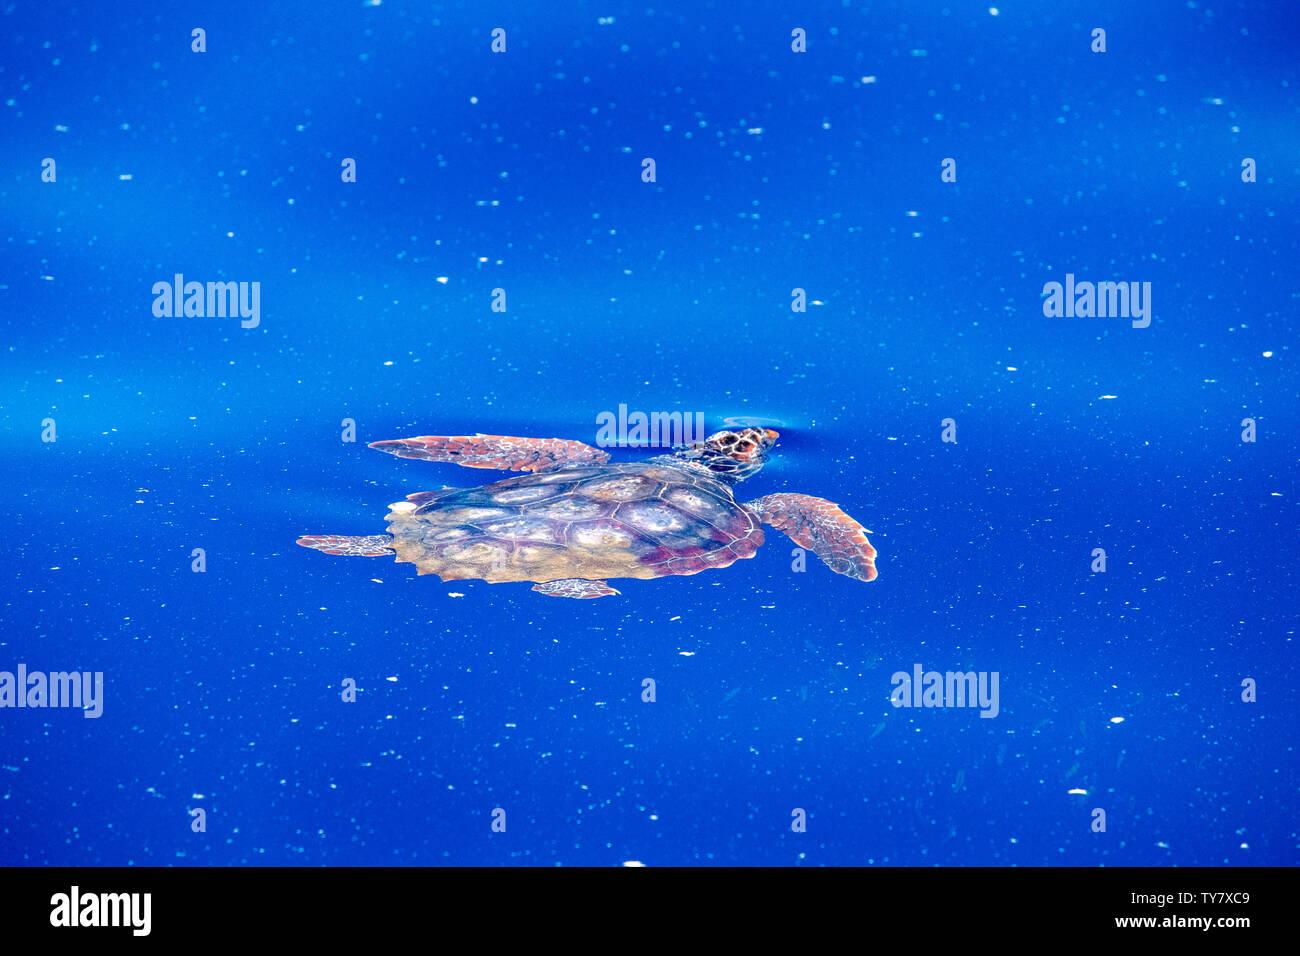 sea turtle in micro plastic blue sea - Stock Image